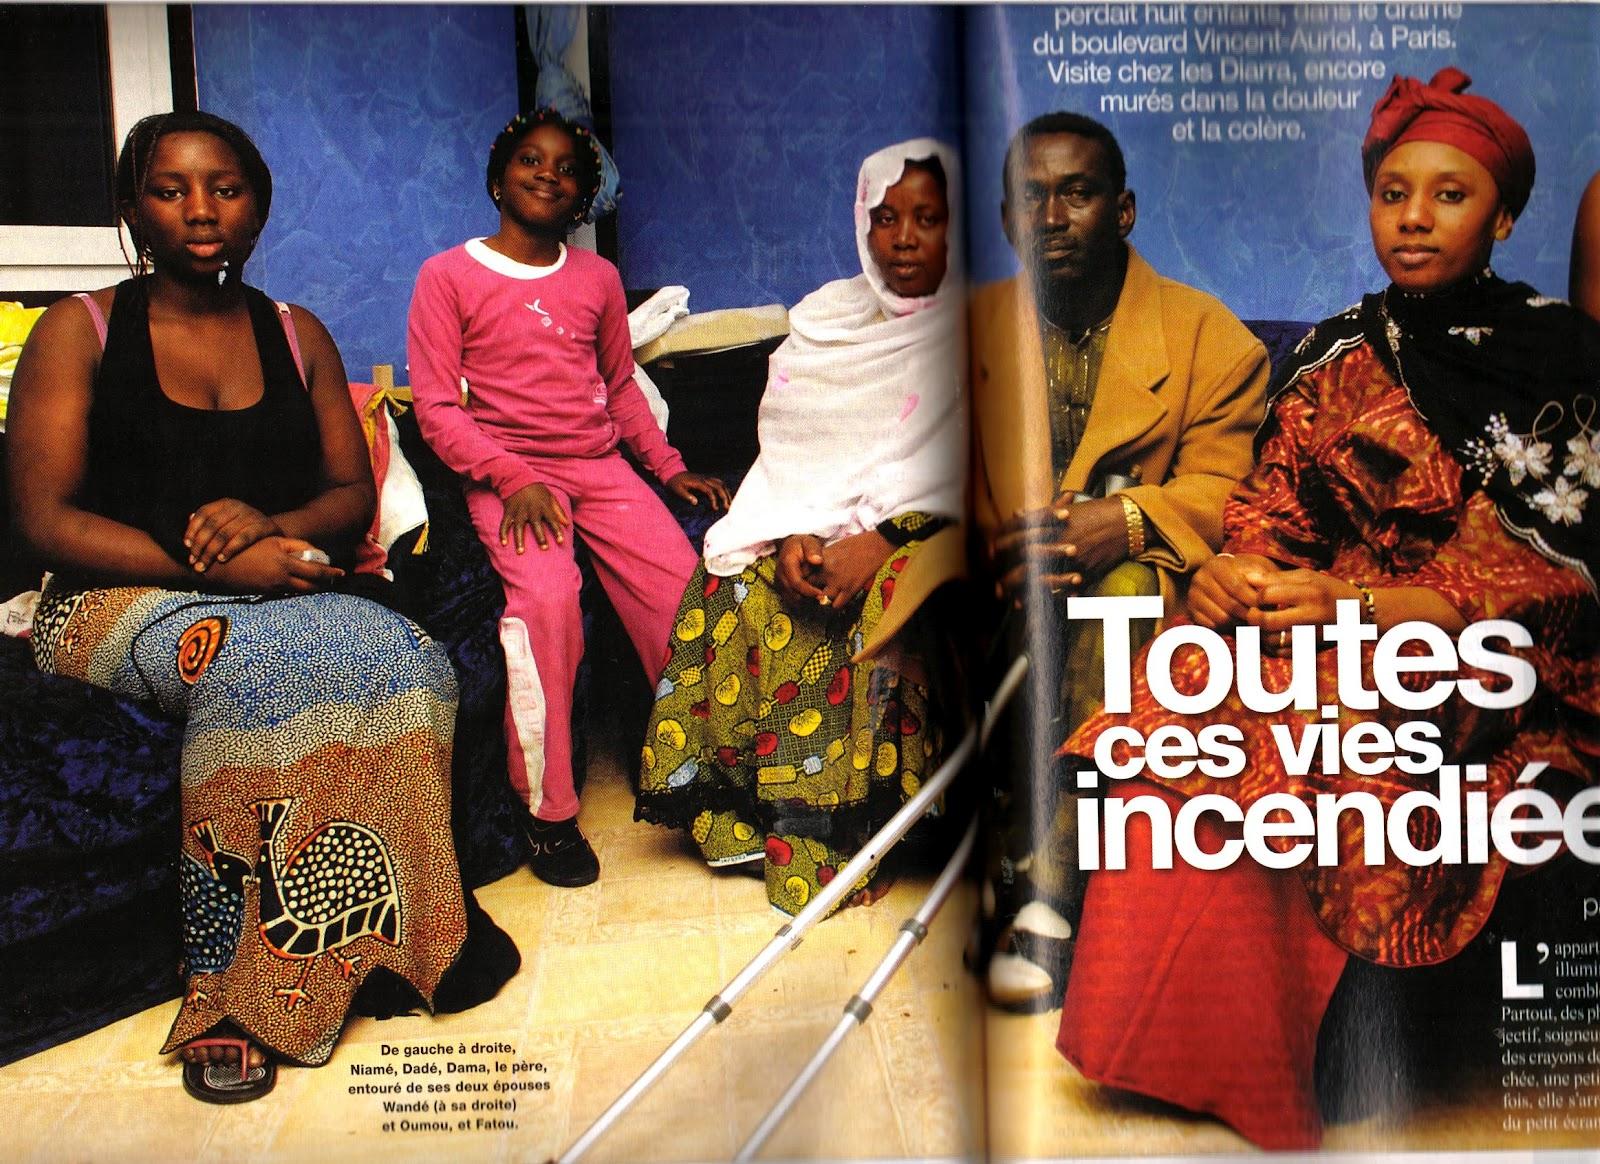 immigration_sarkozy_polygamie_africain_immigré_régularisation_délinquance_afrique_incendie_boulevard_auriol